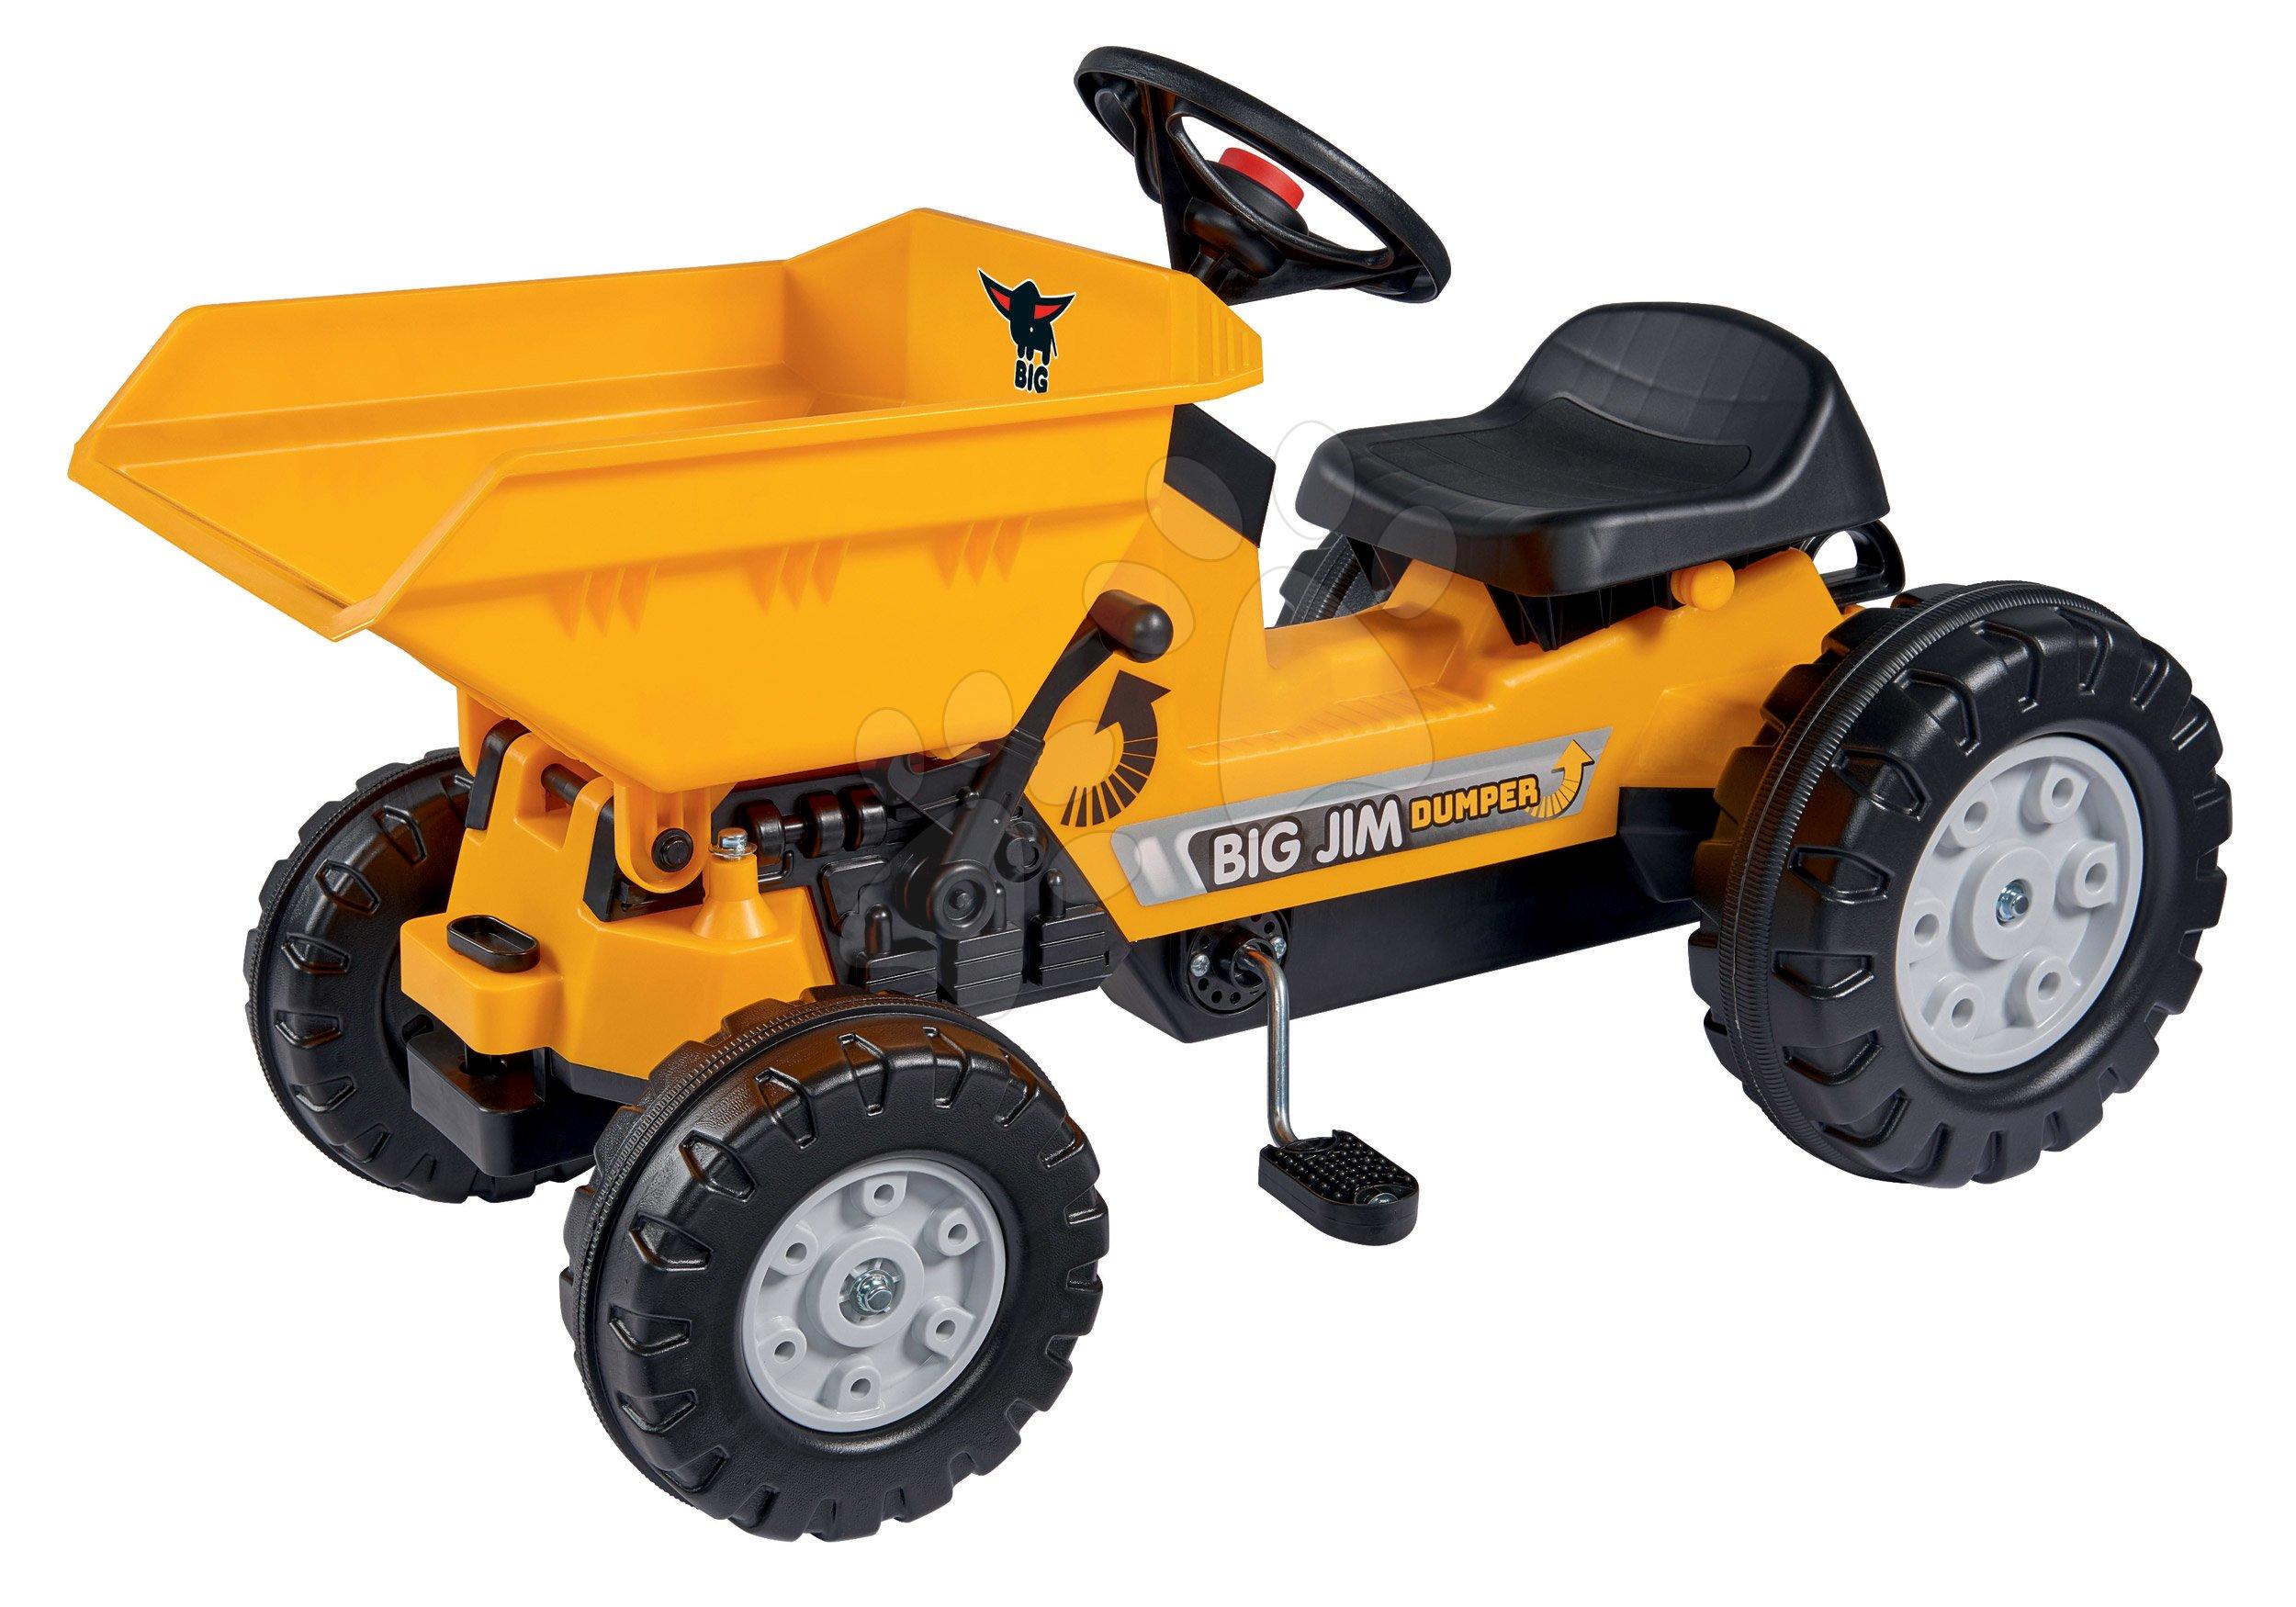 Otroška vozila na pedala - Traktor s sprednjim zabojem Jim Dumper BIG s premičnimi deli, na verižni pogon